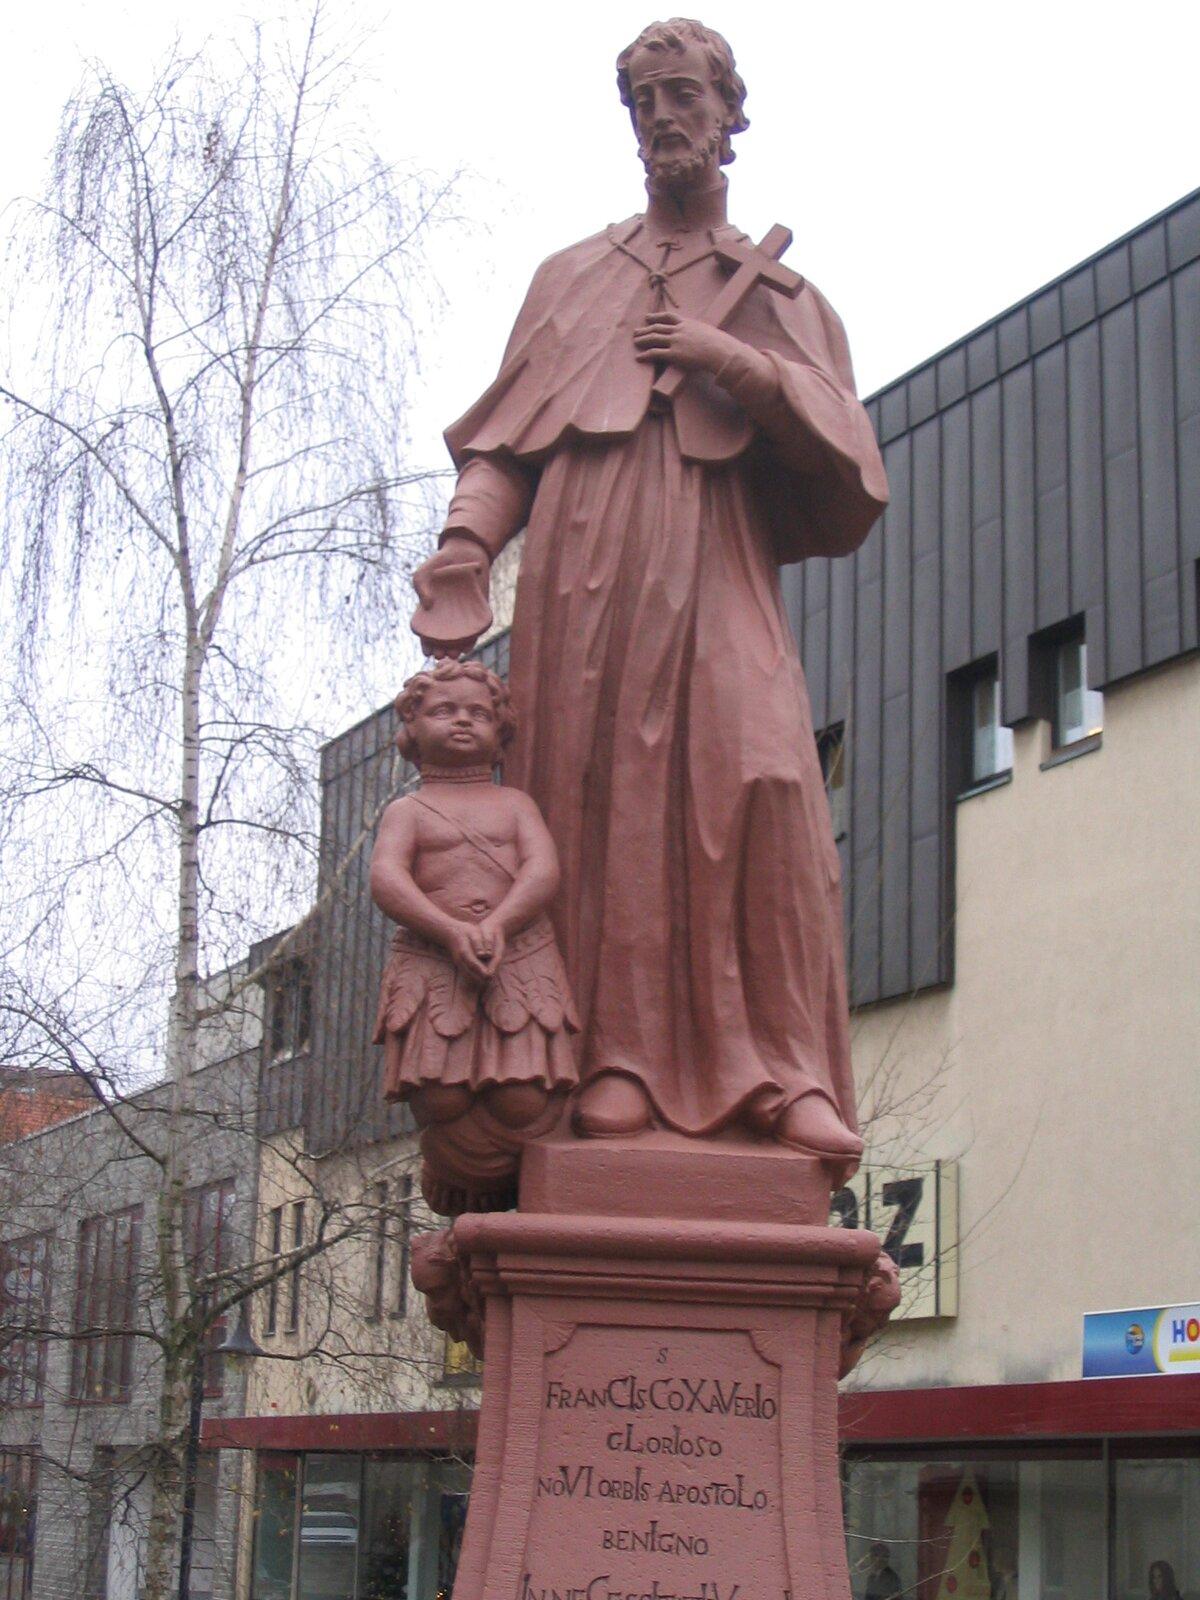 Rzeźba św. Franciszka Ksawerego Rzeźba św. FranciszkaKsawerego na moście wBensheim wNiemczech.Ujego stóp indyjskie dziecko, które jest chrzczone przez świętego. Źródło: Rzeźba św. Franciszka Ksawerego, 2006, fotografia, licencja: CC BY-SA 3.0.